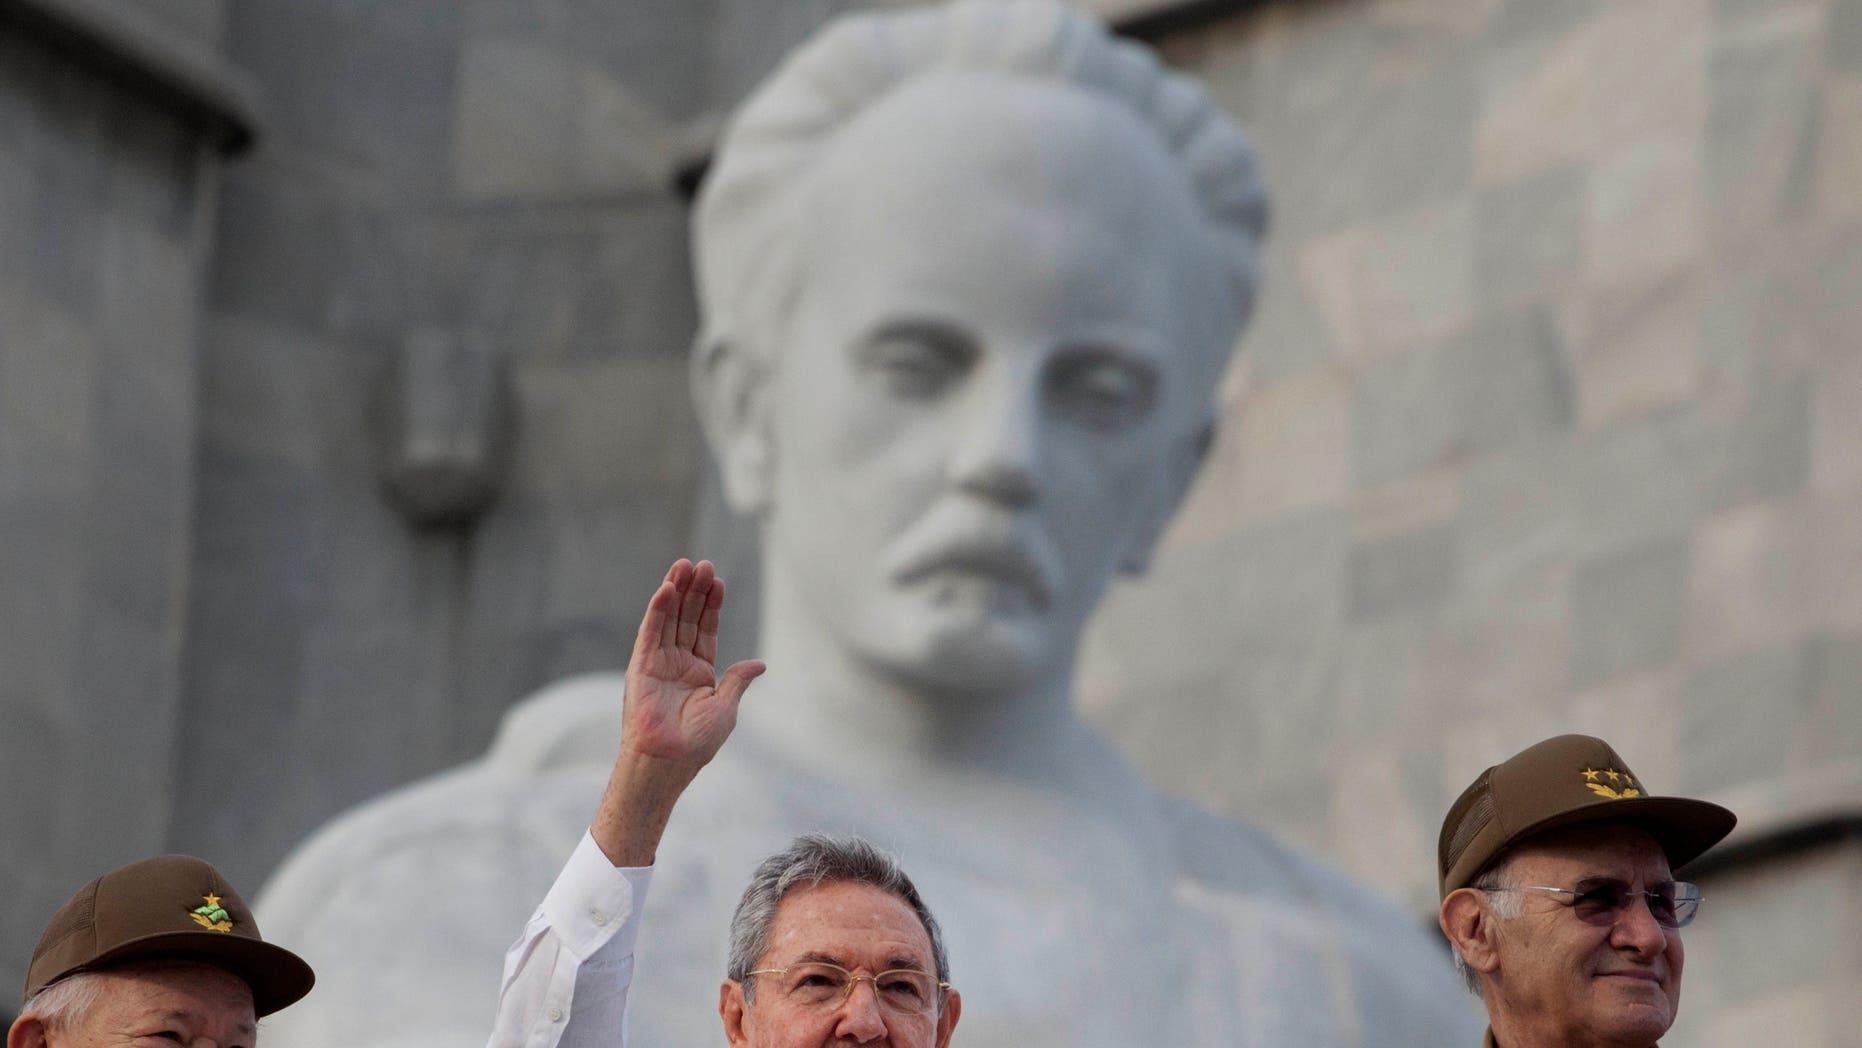 El presidente cubano Raúl Castro, al centro, saluda a las personas que participan en la marcha por el Día del Trabajo, en la Plaza de la Revolución, en La Habana, el 1 de mayo de 2013. Washington no tiene planes de quitar a Cuba de la lista de gobiernos que apoyan al terrorismo y que también incluye a Irán, Siria y Sudán, dijo el miércoles un portavoz del Departamento de Estado. (Foto AP/Ramon Espinosa)